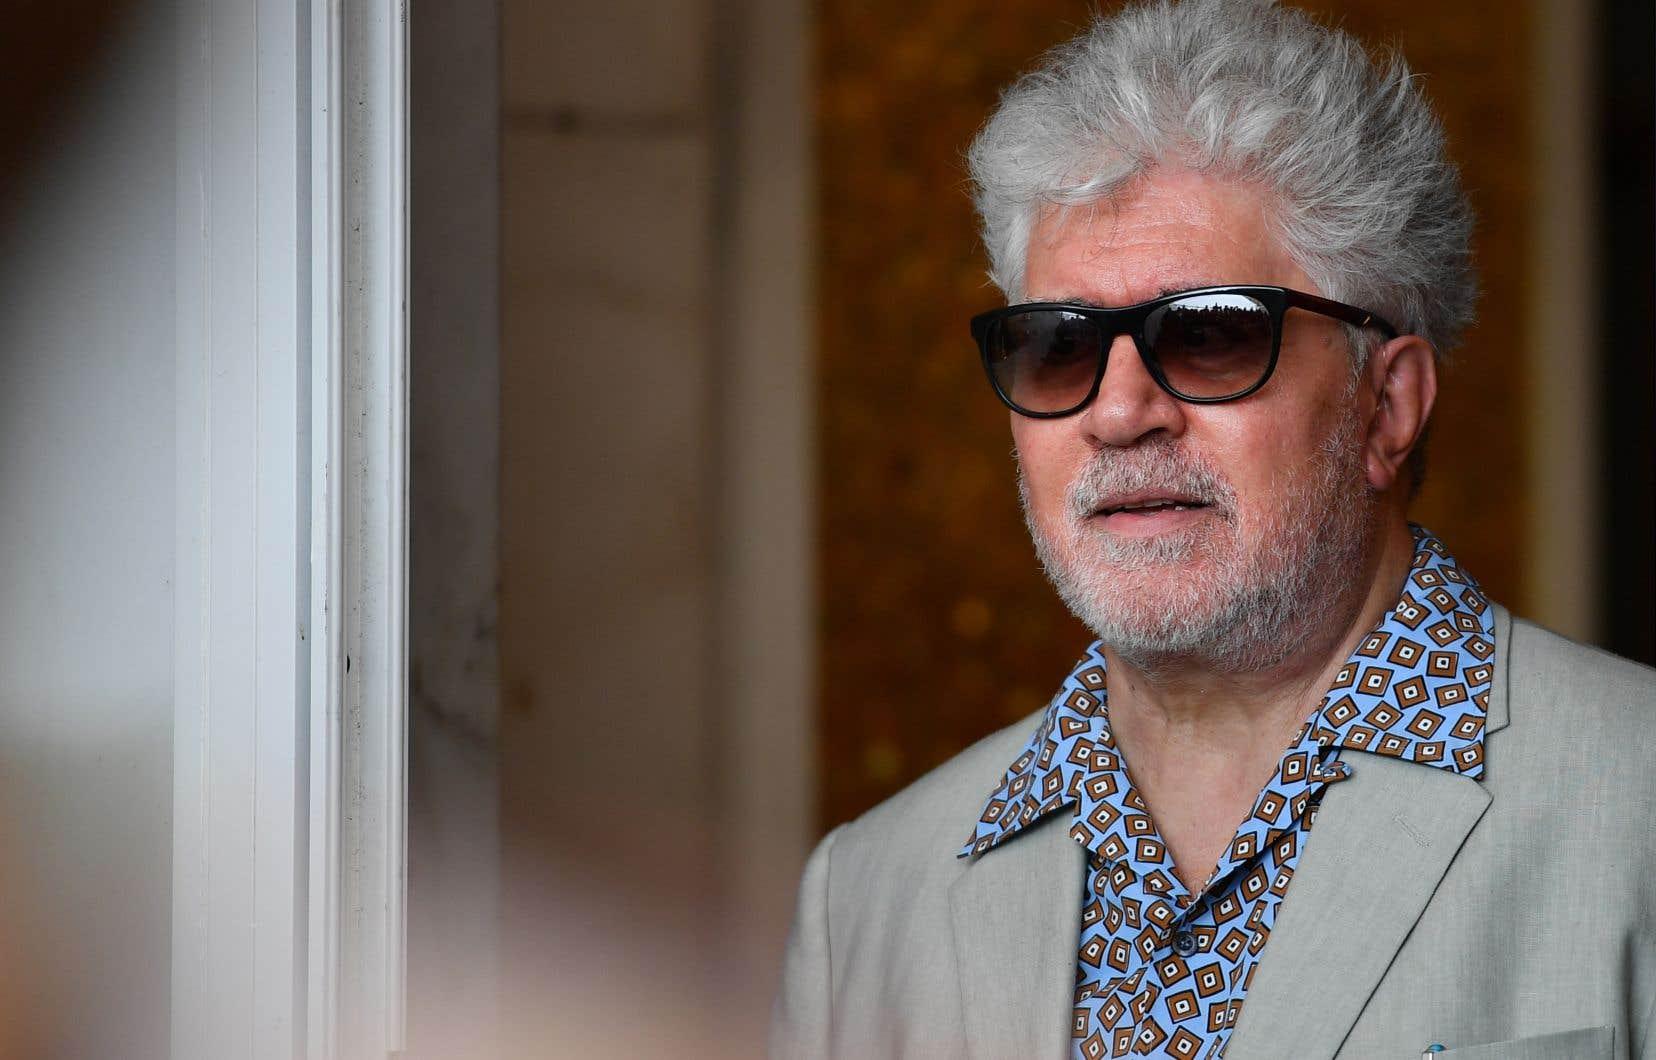 Treize cinéastes européens, dont Pedro Almodóvar (photo) demandent une réaction concertée face aux géants numériques extra-européens.